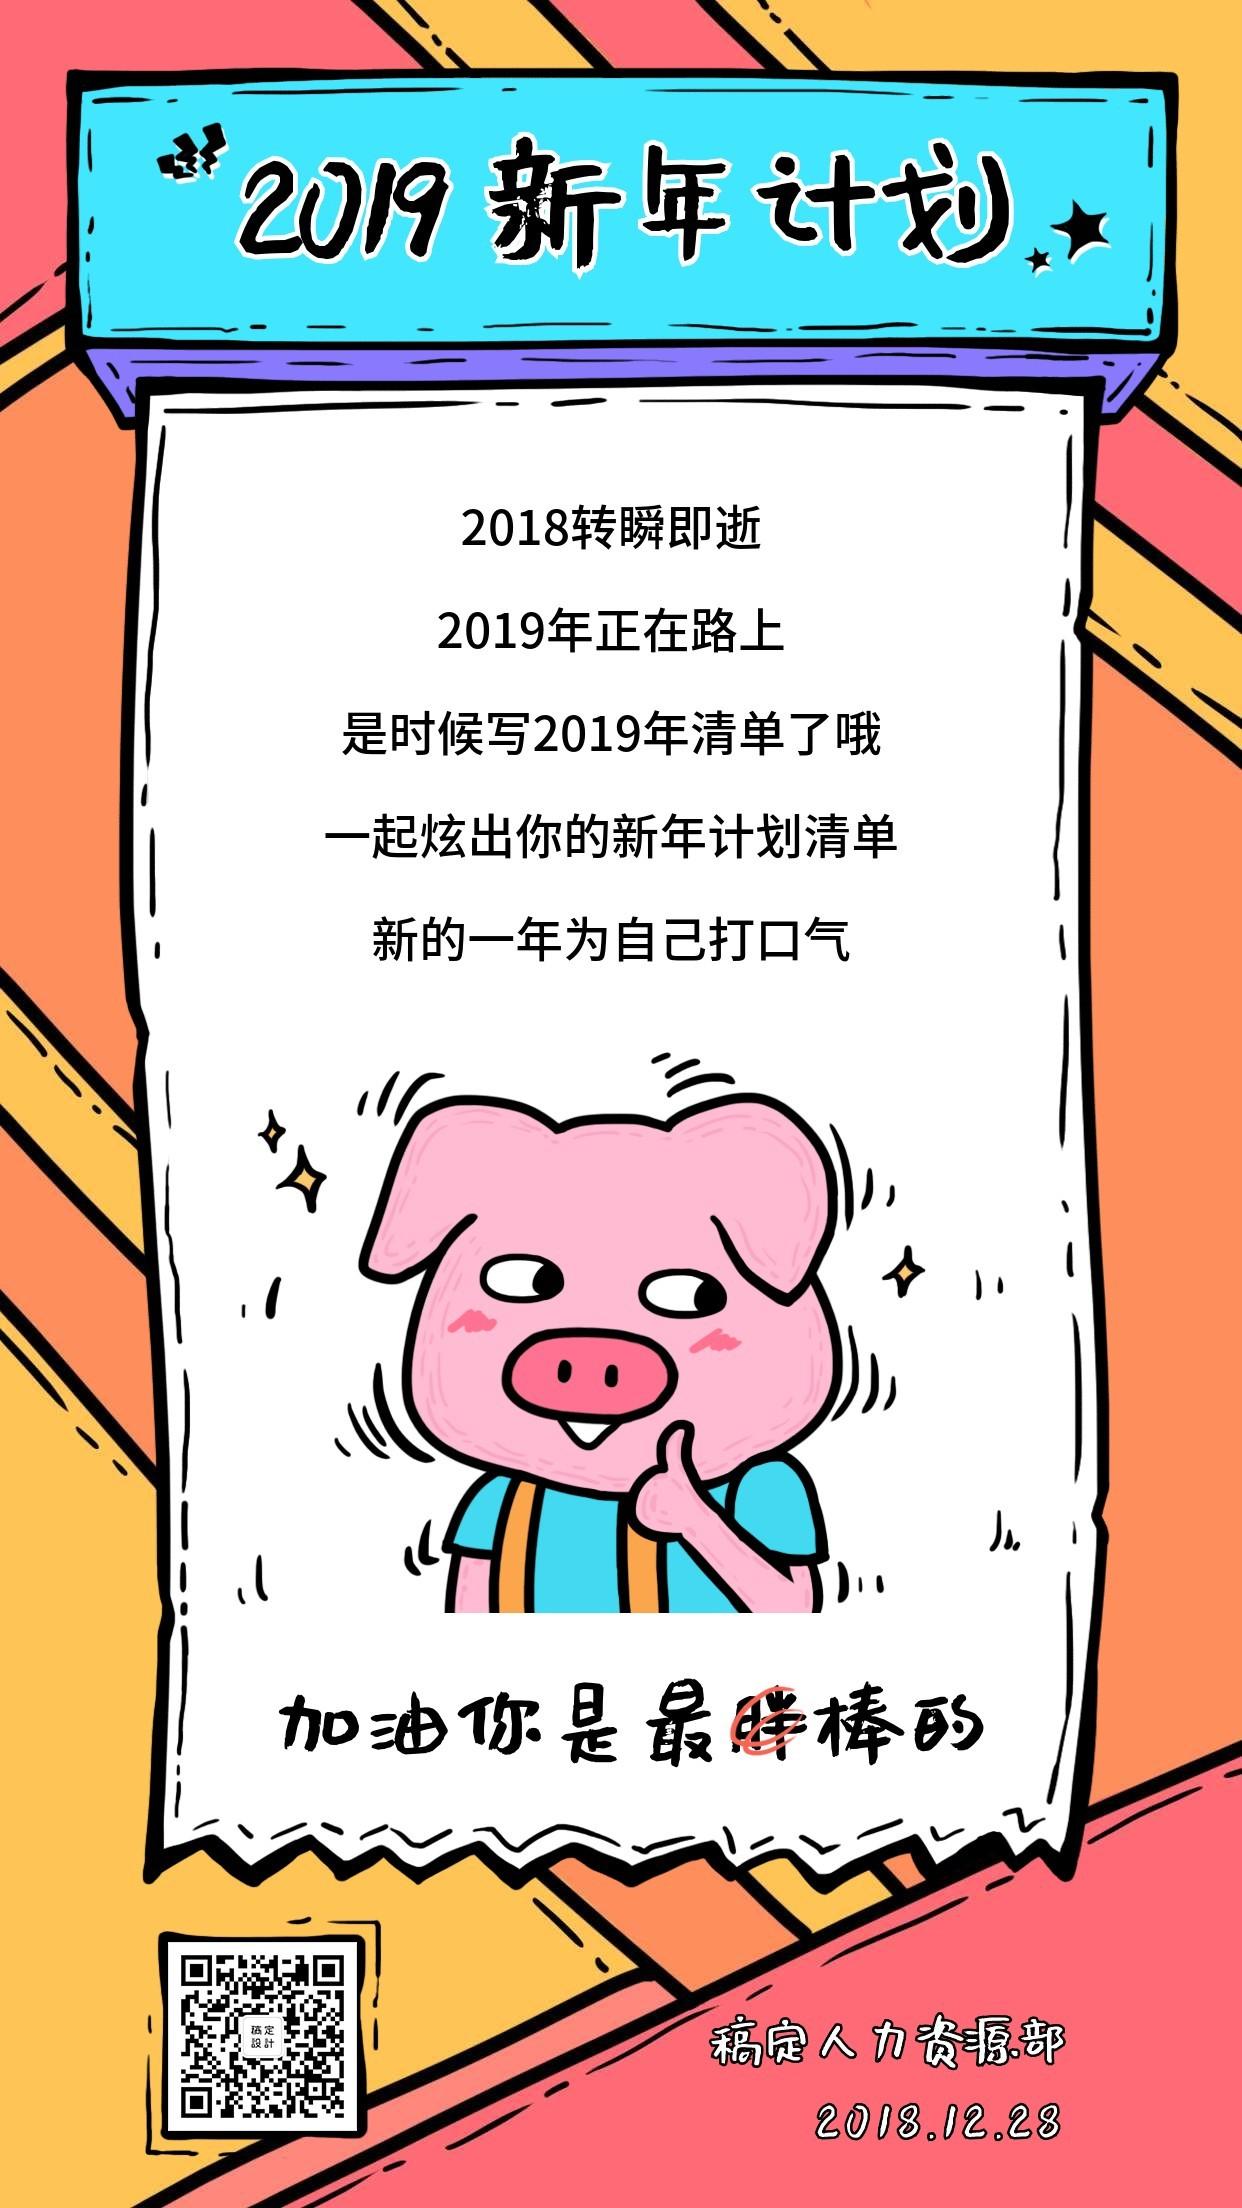 2019新年计划活动海报